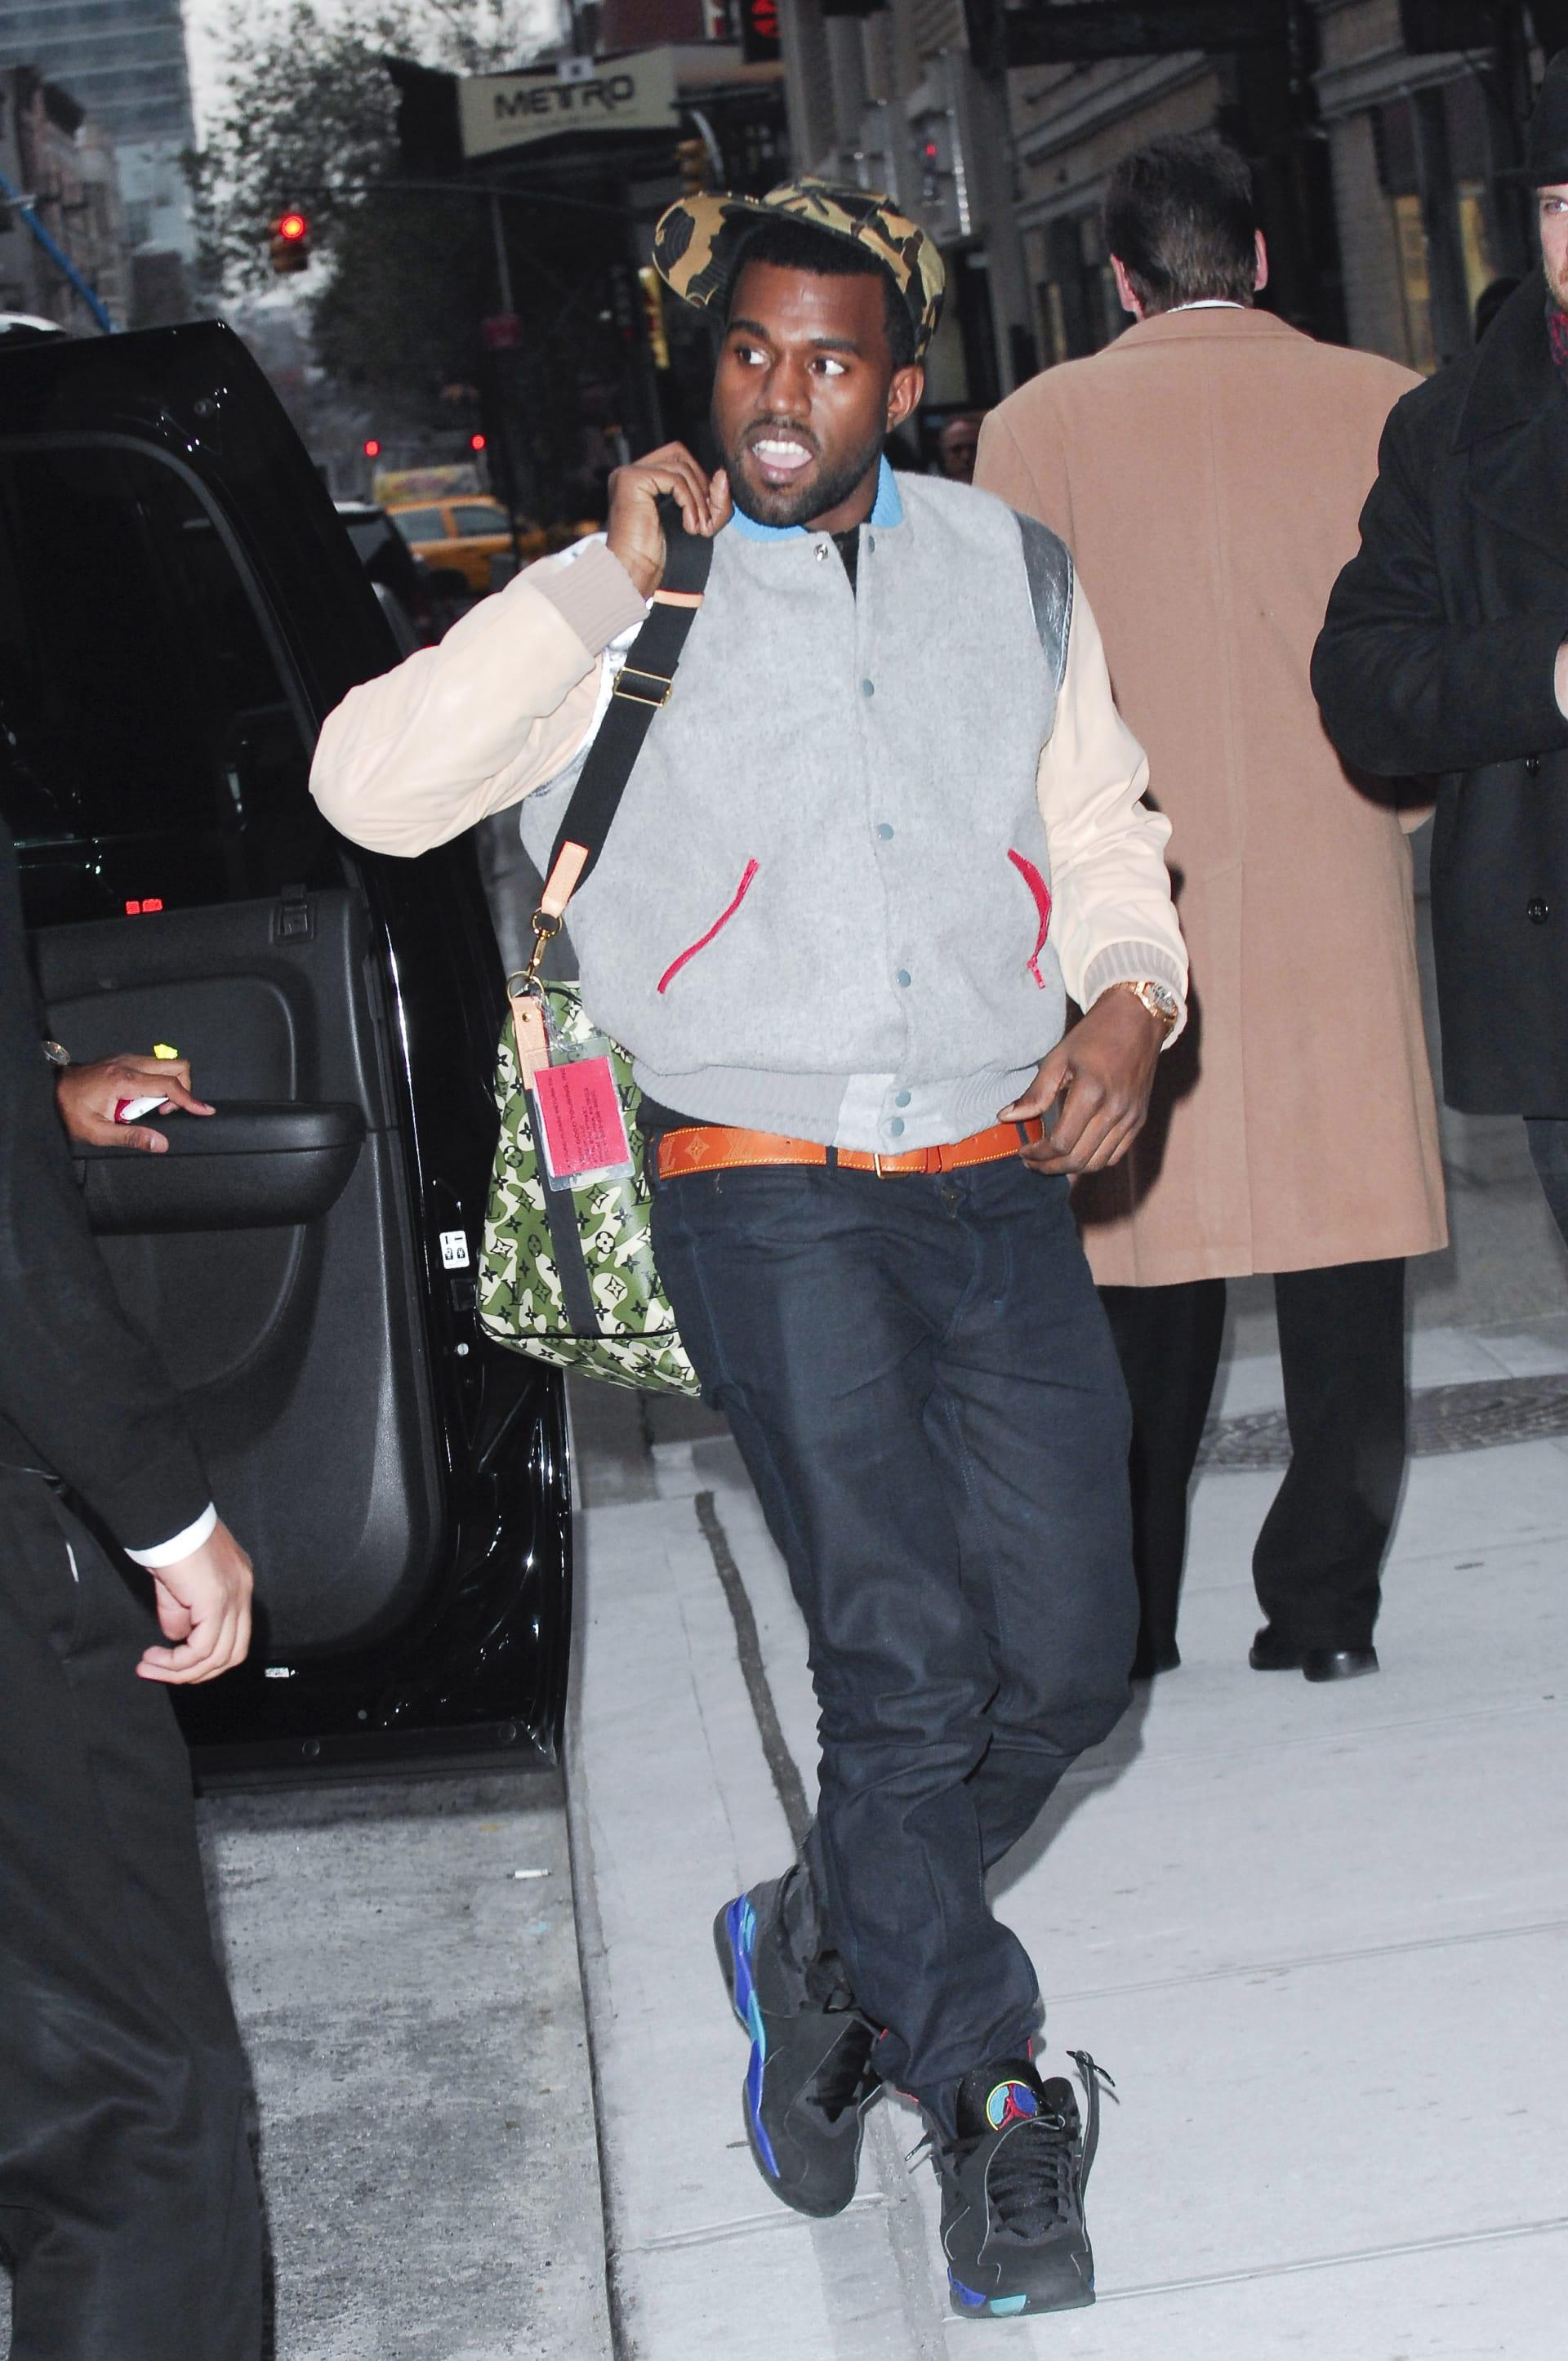 wholesale dealer d3861 811ee Kanye West wearing a Pastelle jacket